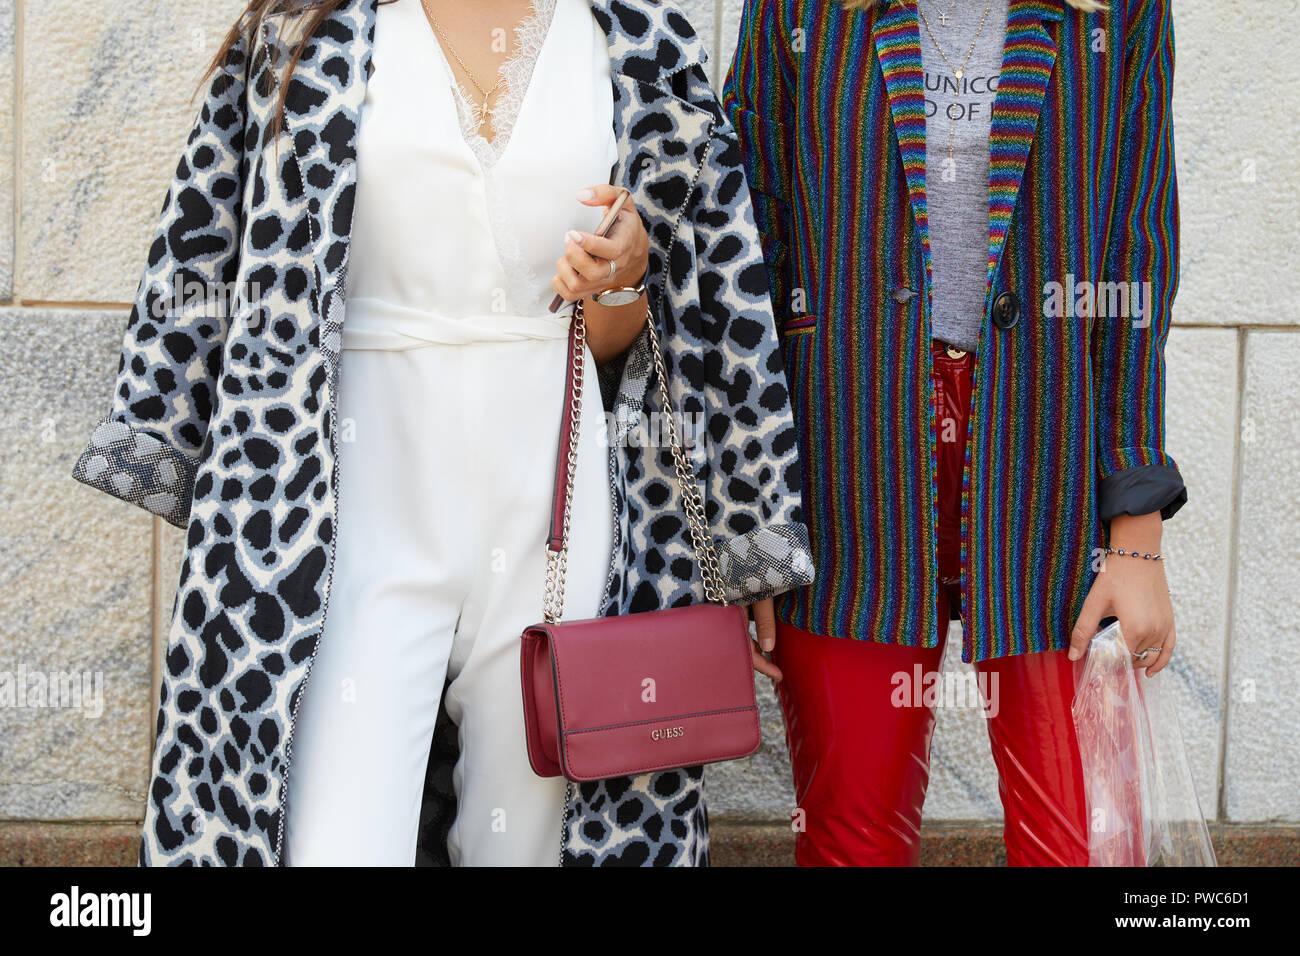 Gris Blanc Les Rayures De Italie Noir 2018 20 Manteau Femmes Que Et Guess Milan Genny Sac Veste Septembre Paillettes Colorées Des Avant À SzPwq